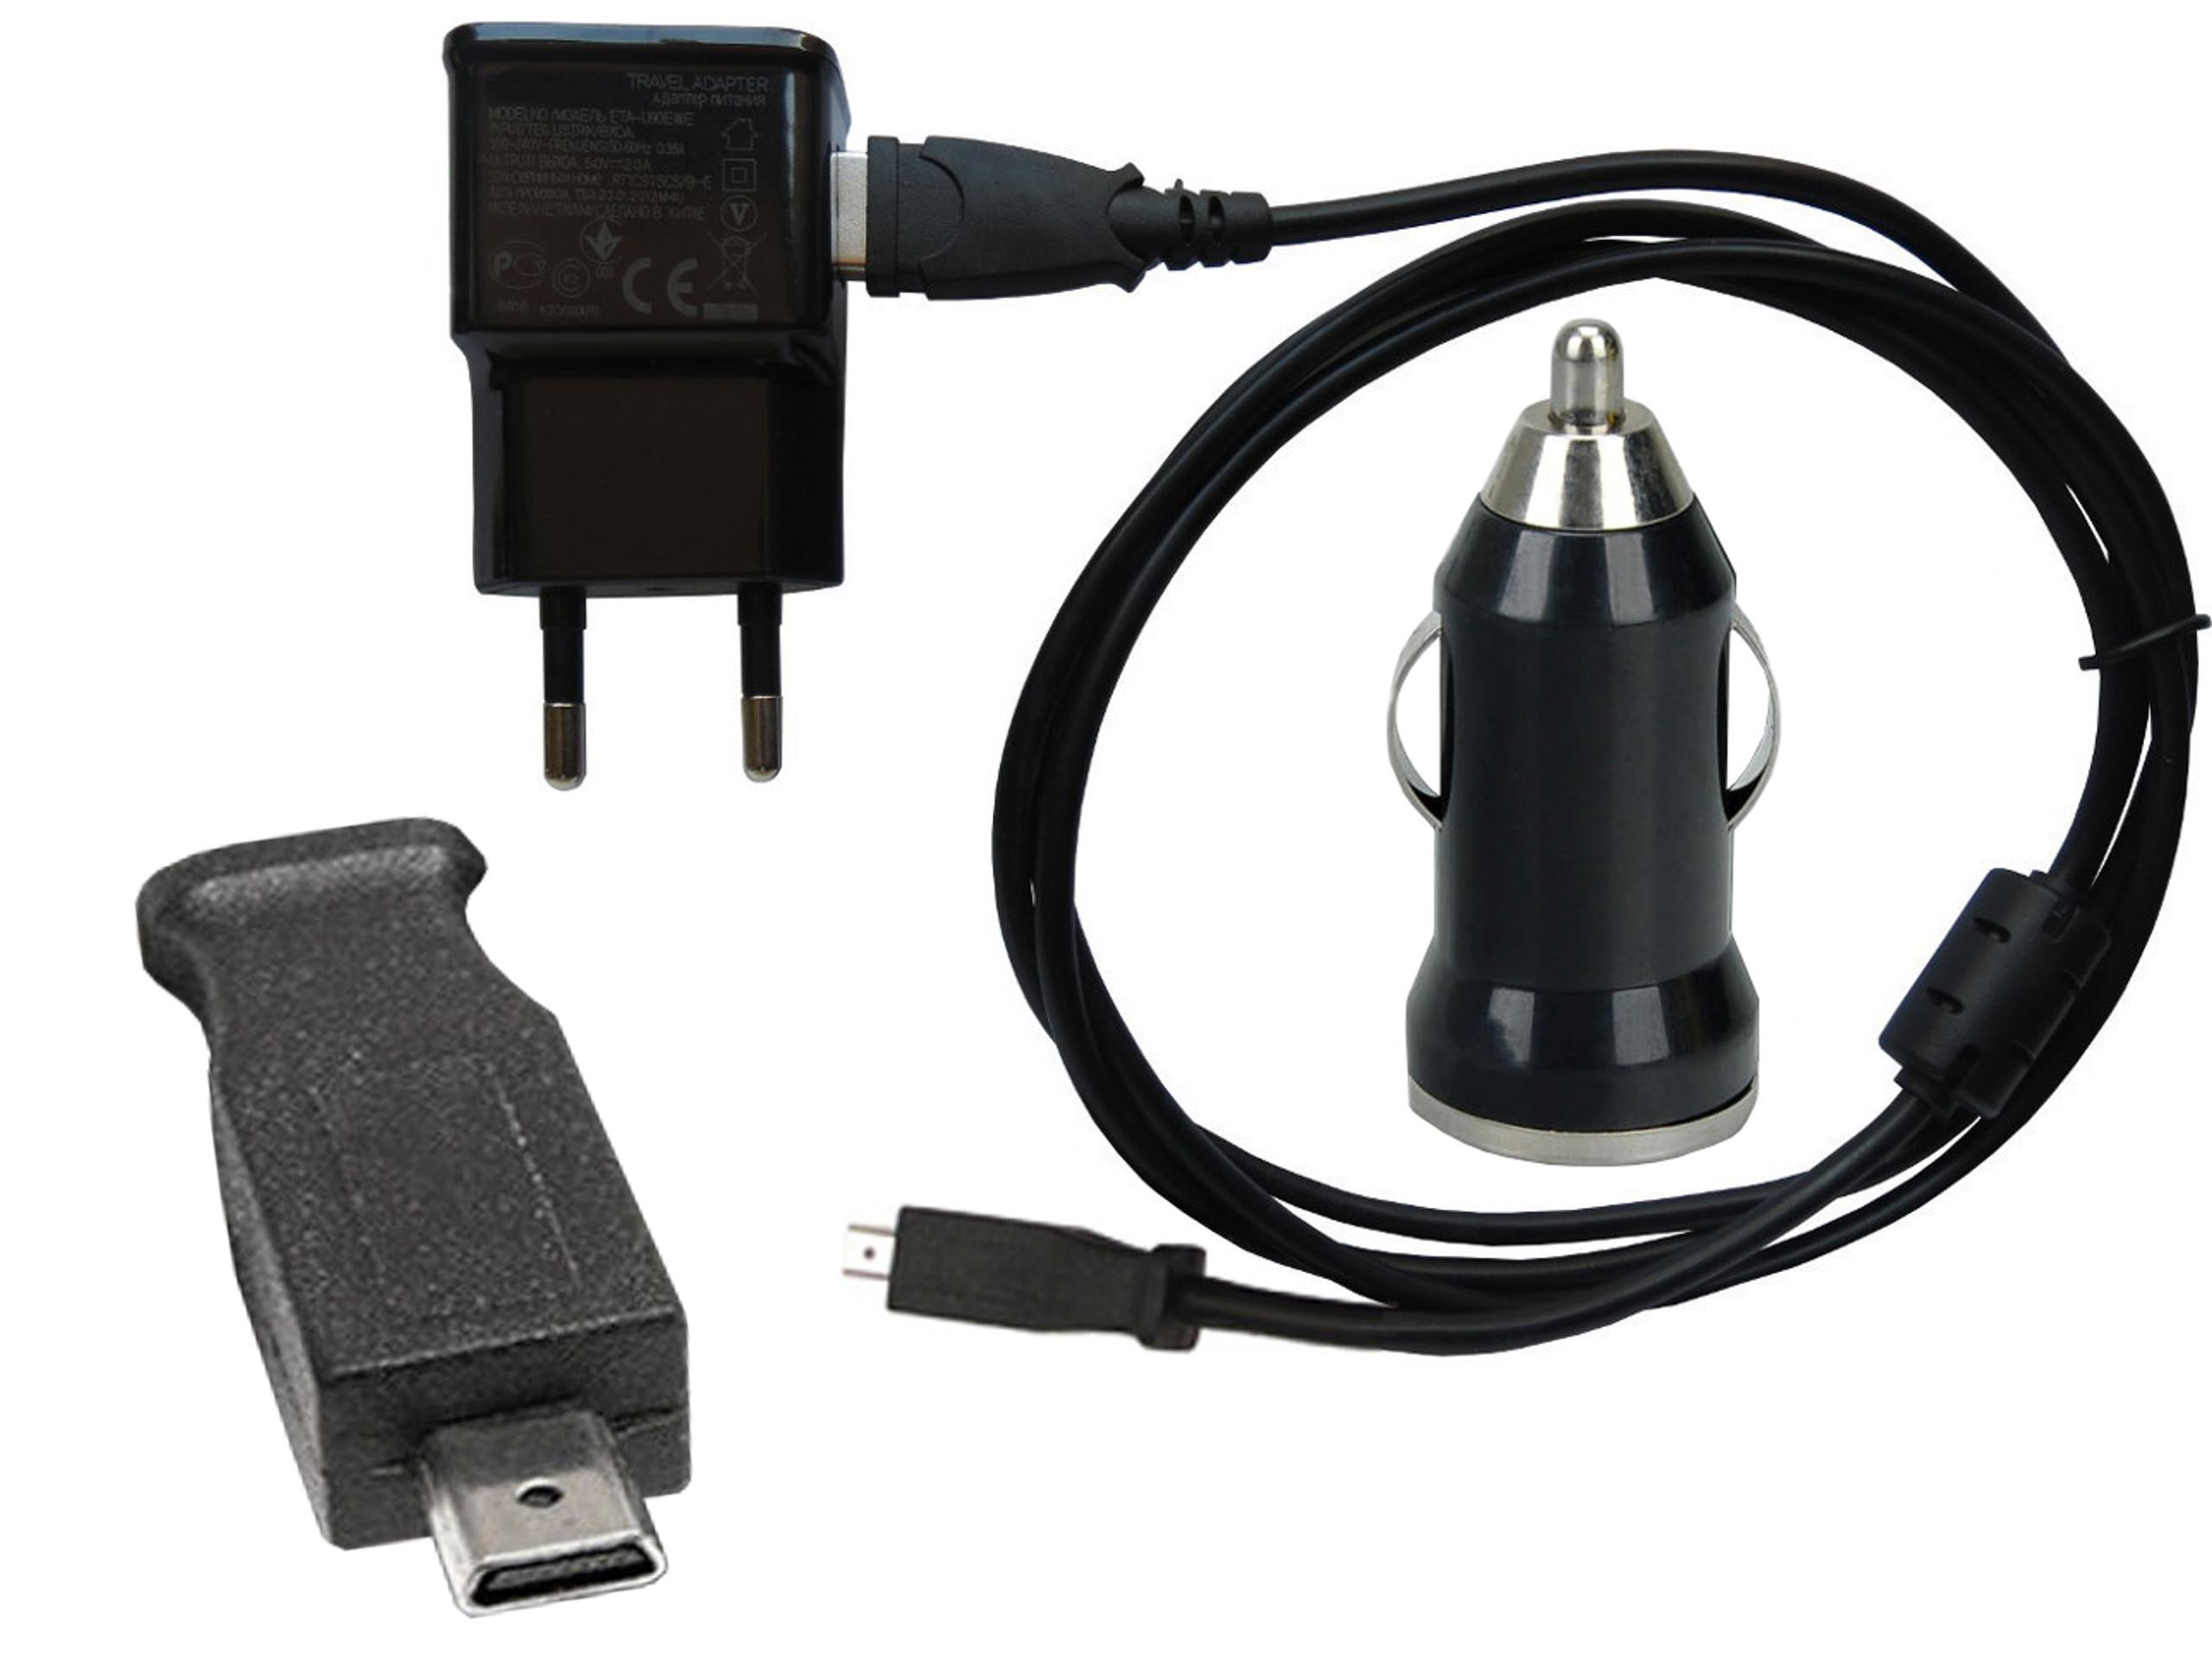 ŁADOWARKA USB KODAK M340 MX1063 MD853 MD863 M341